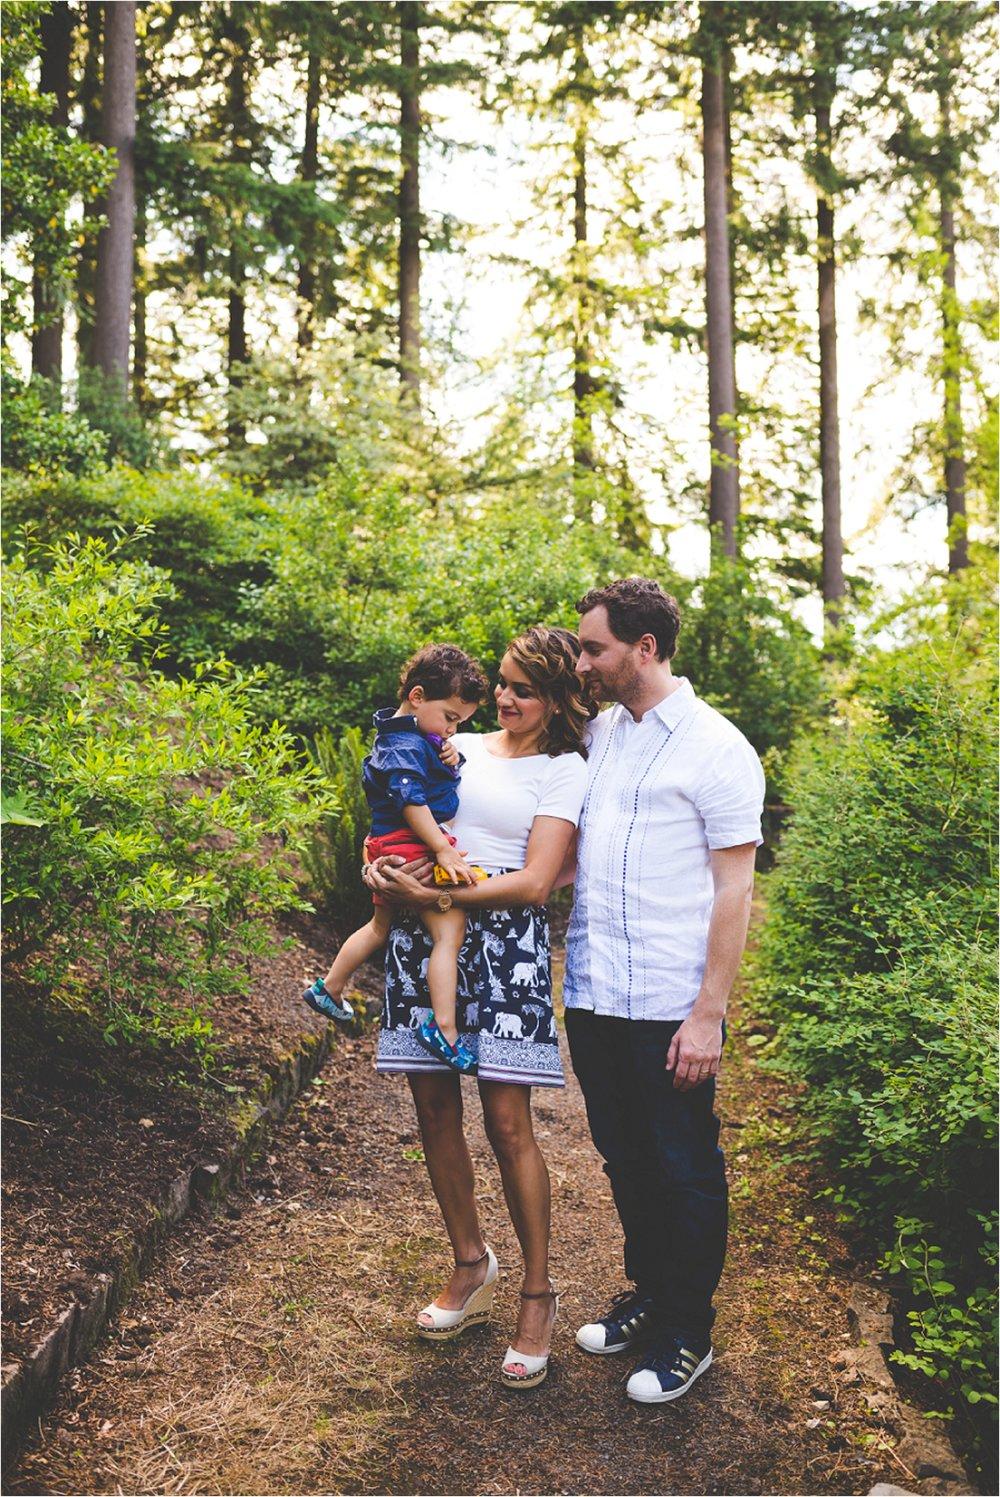 hoyt-arboretum-family-session-jannicka-mayte-portland-oregon-family-photographer_0001.jpg